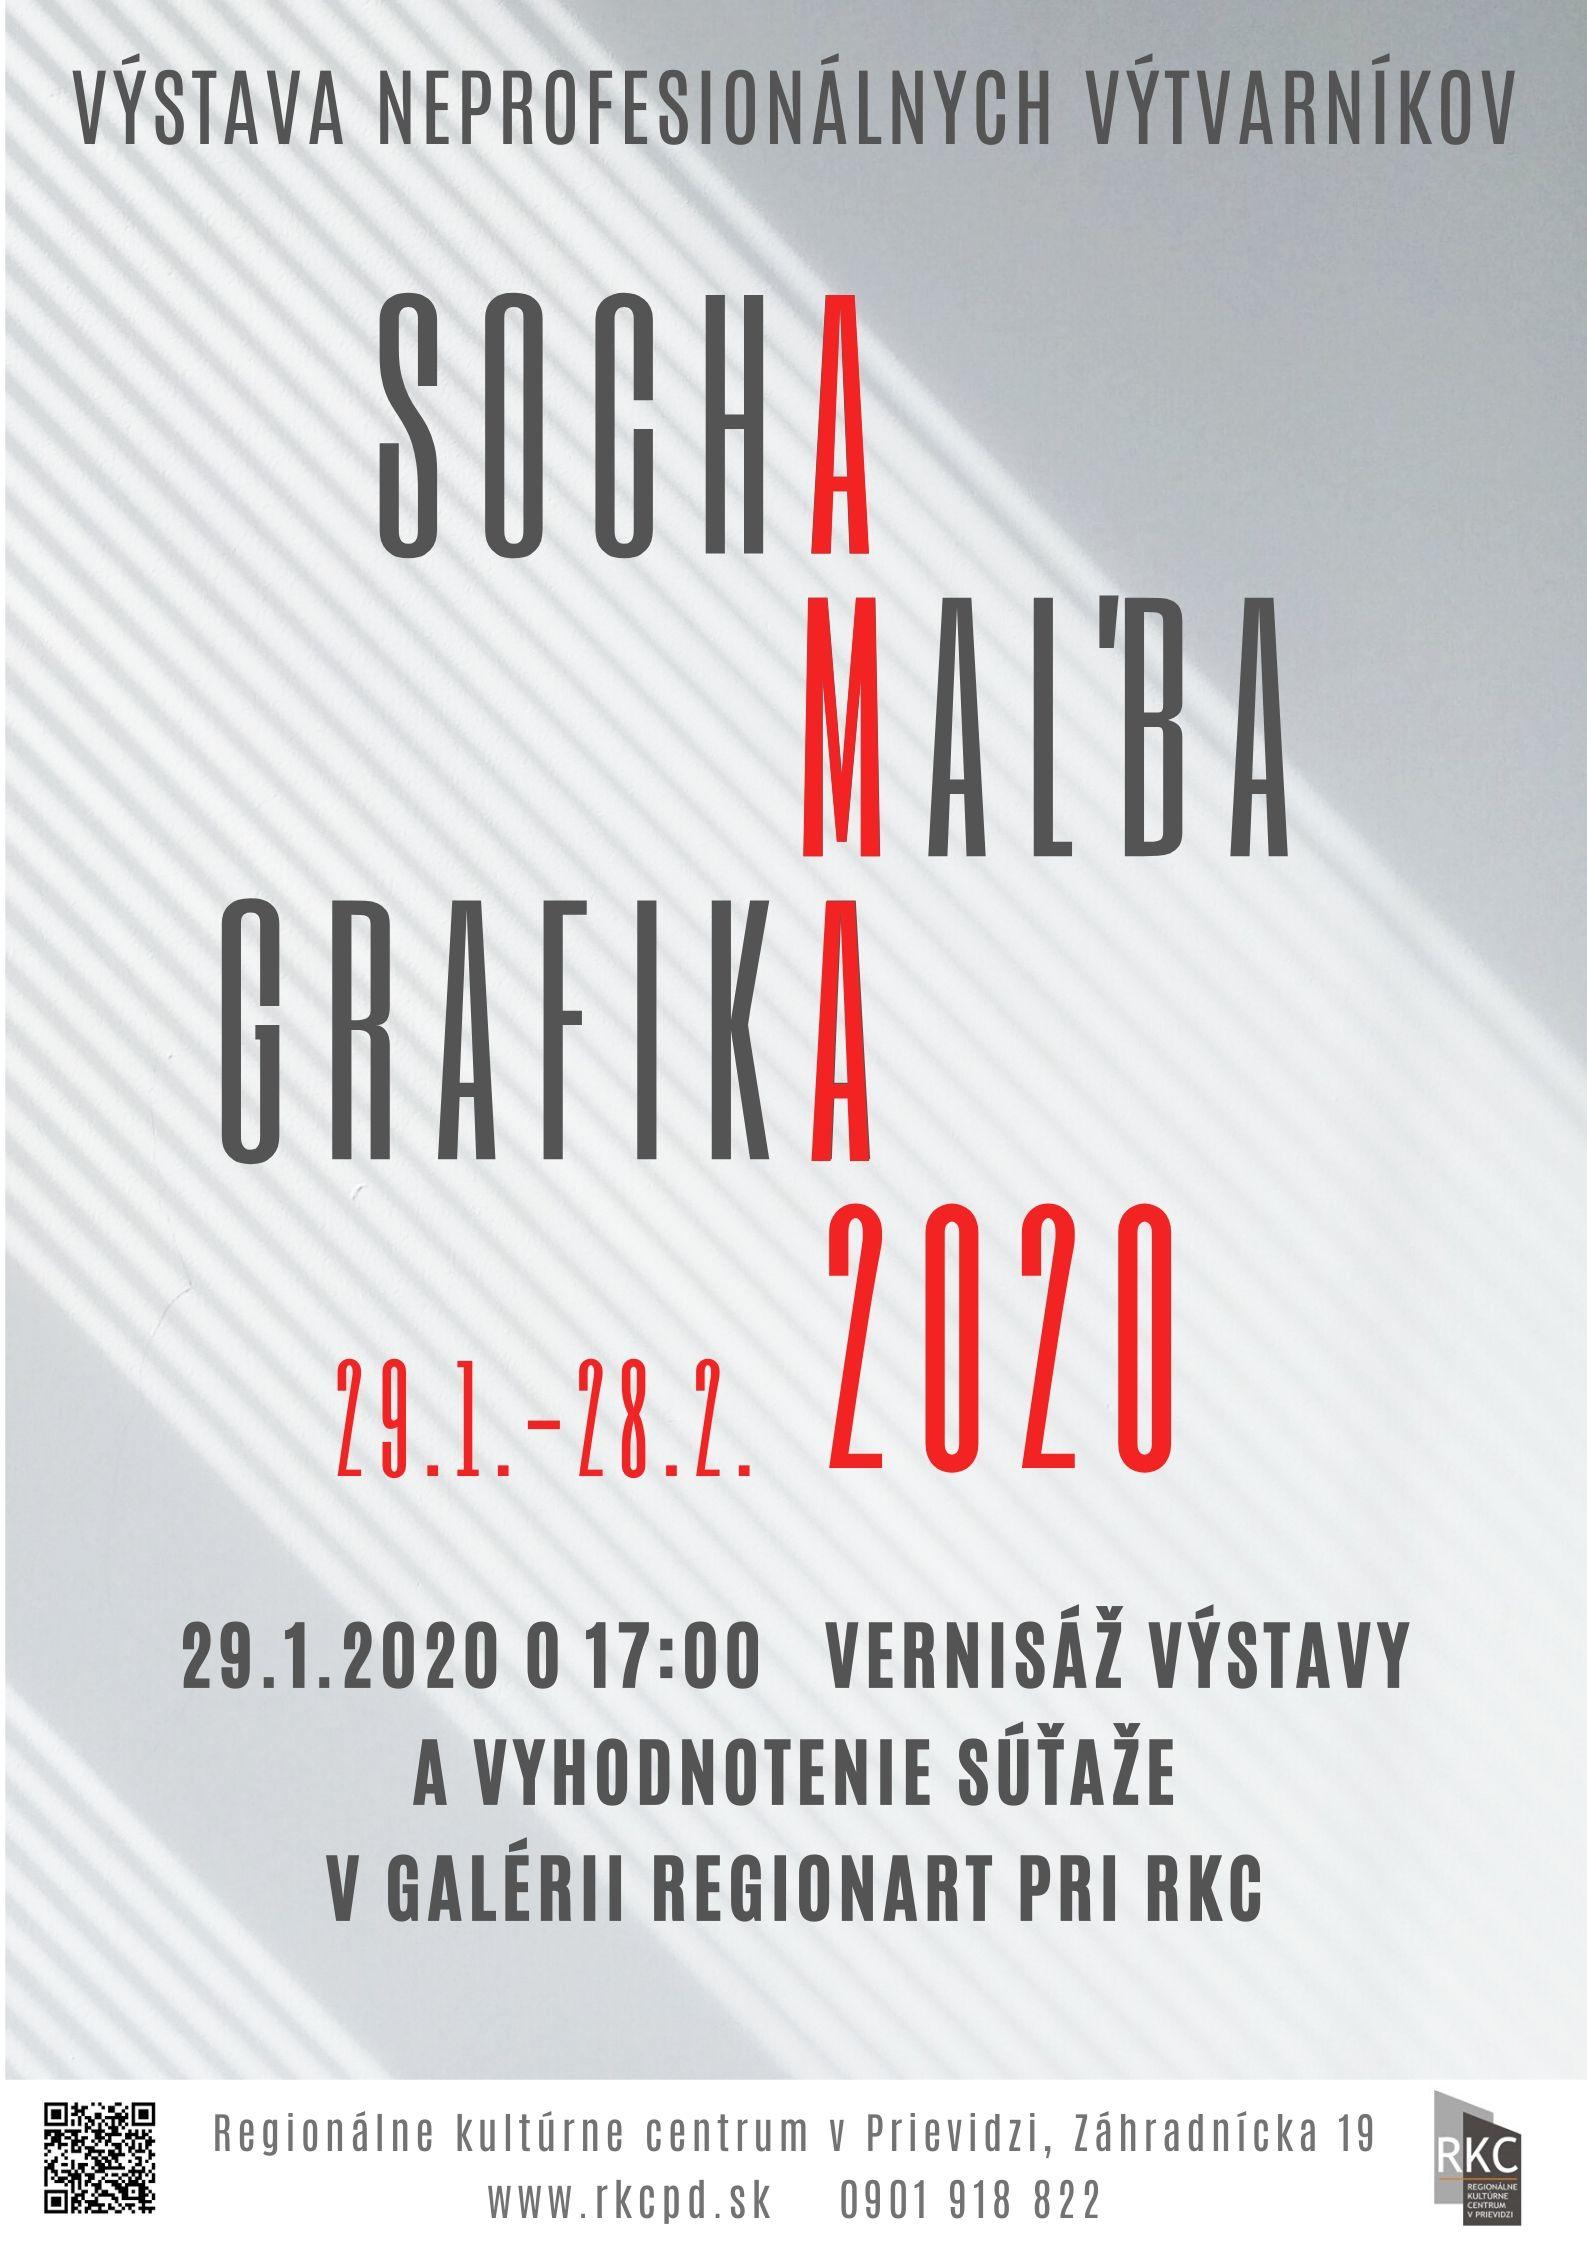 AMA 2020